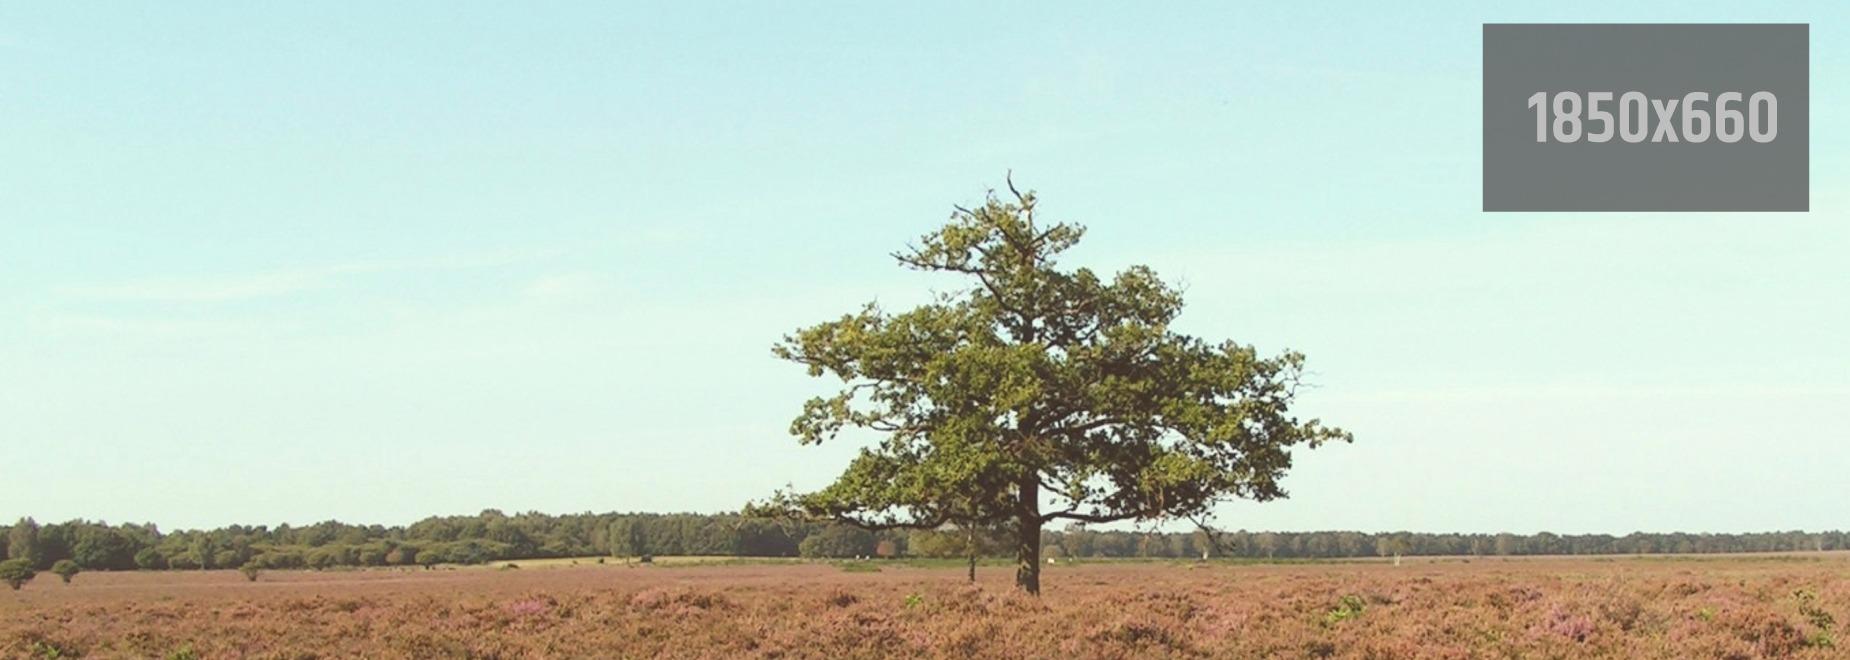 Saving this tree :: Neque porro quisquam est qui dolorem ipsum quia dolor sit amet, consectetur 1